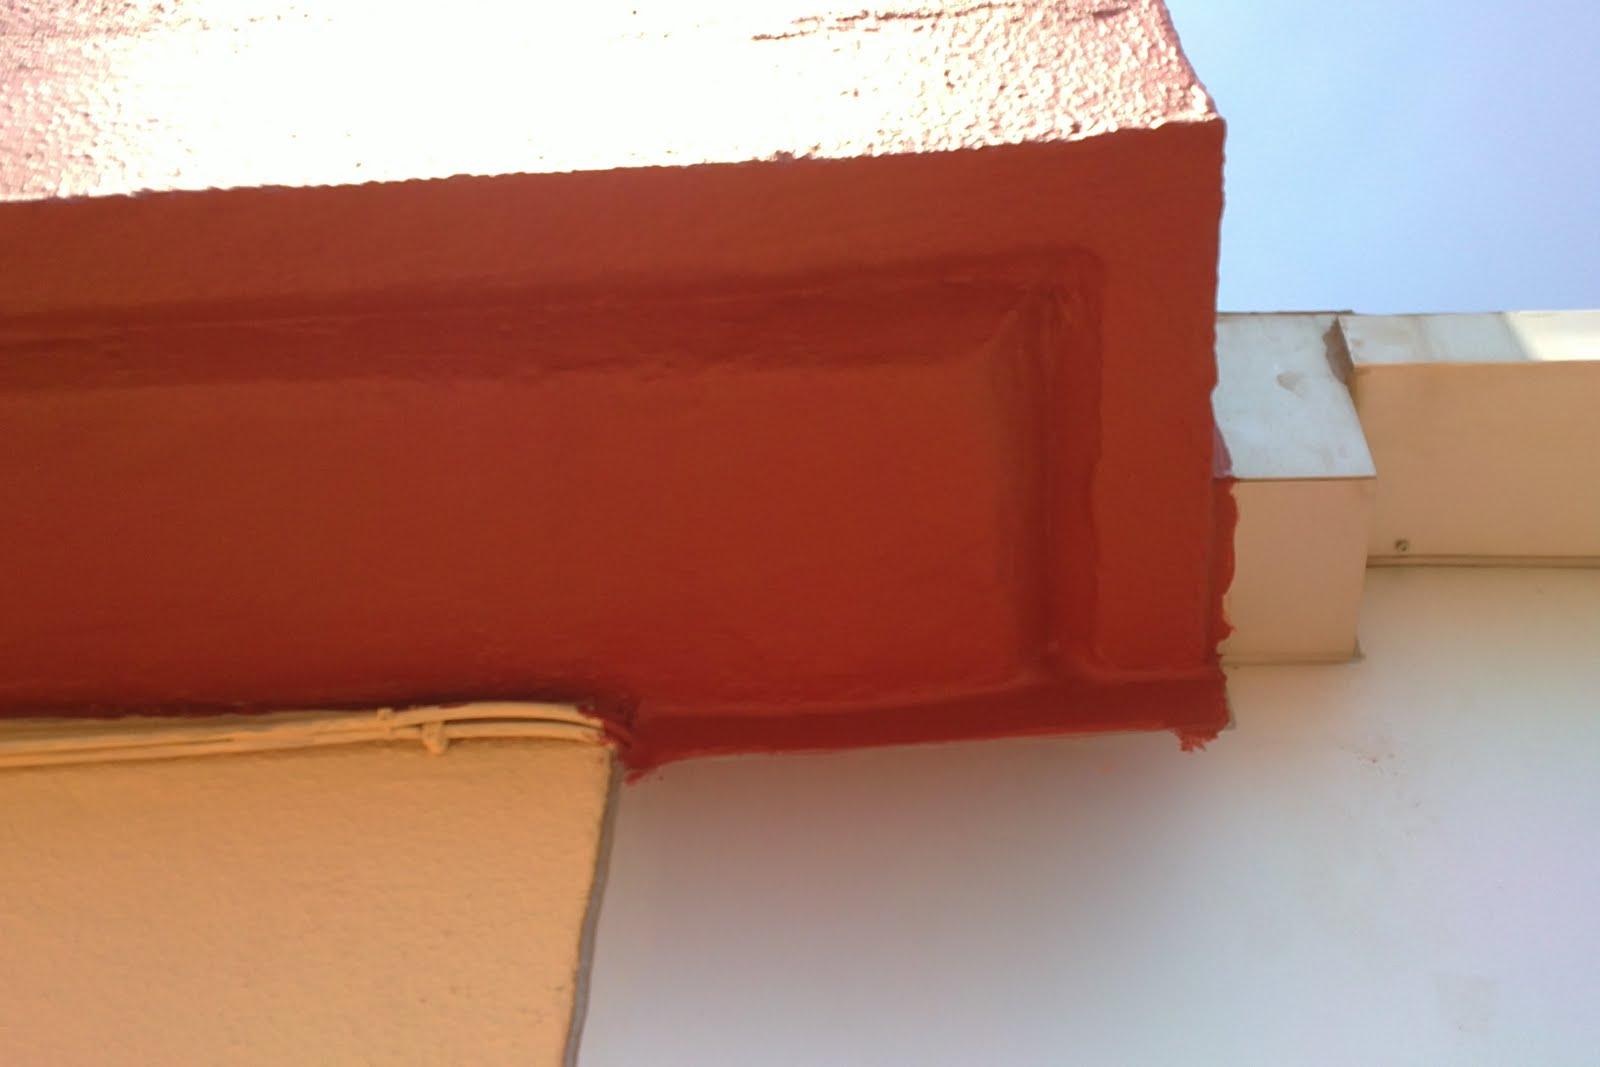 Construcciones y reformas reparaci n goteras mediante - Sika pintura impermeabilizante ...